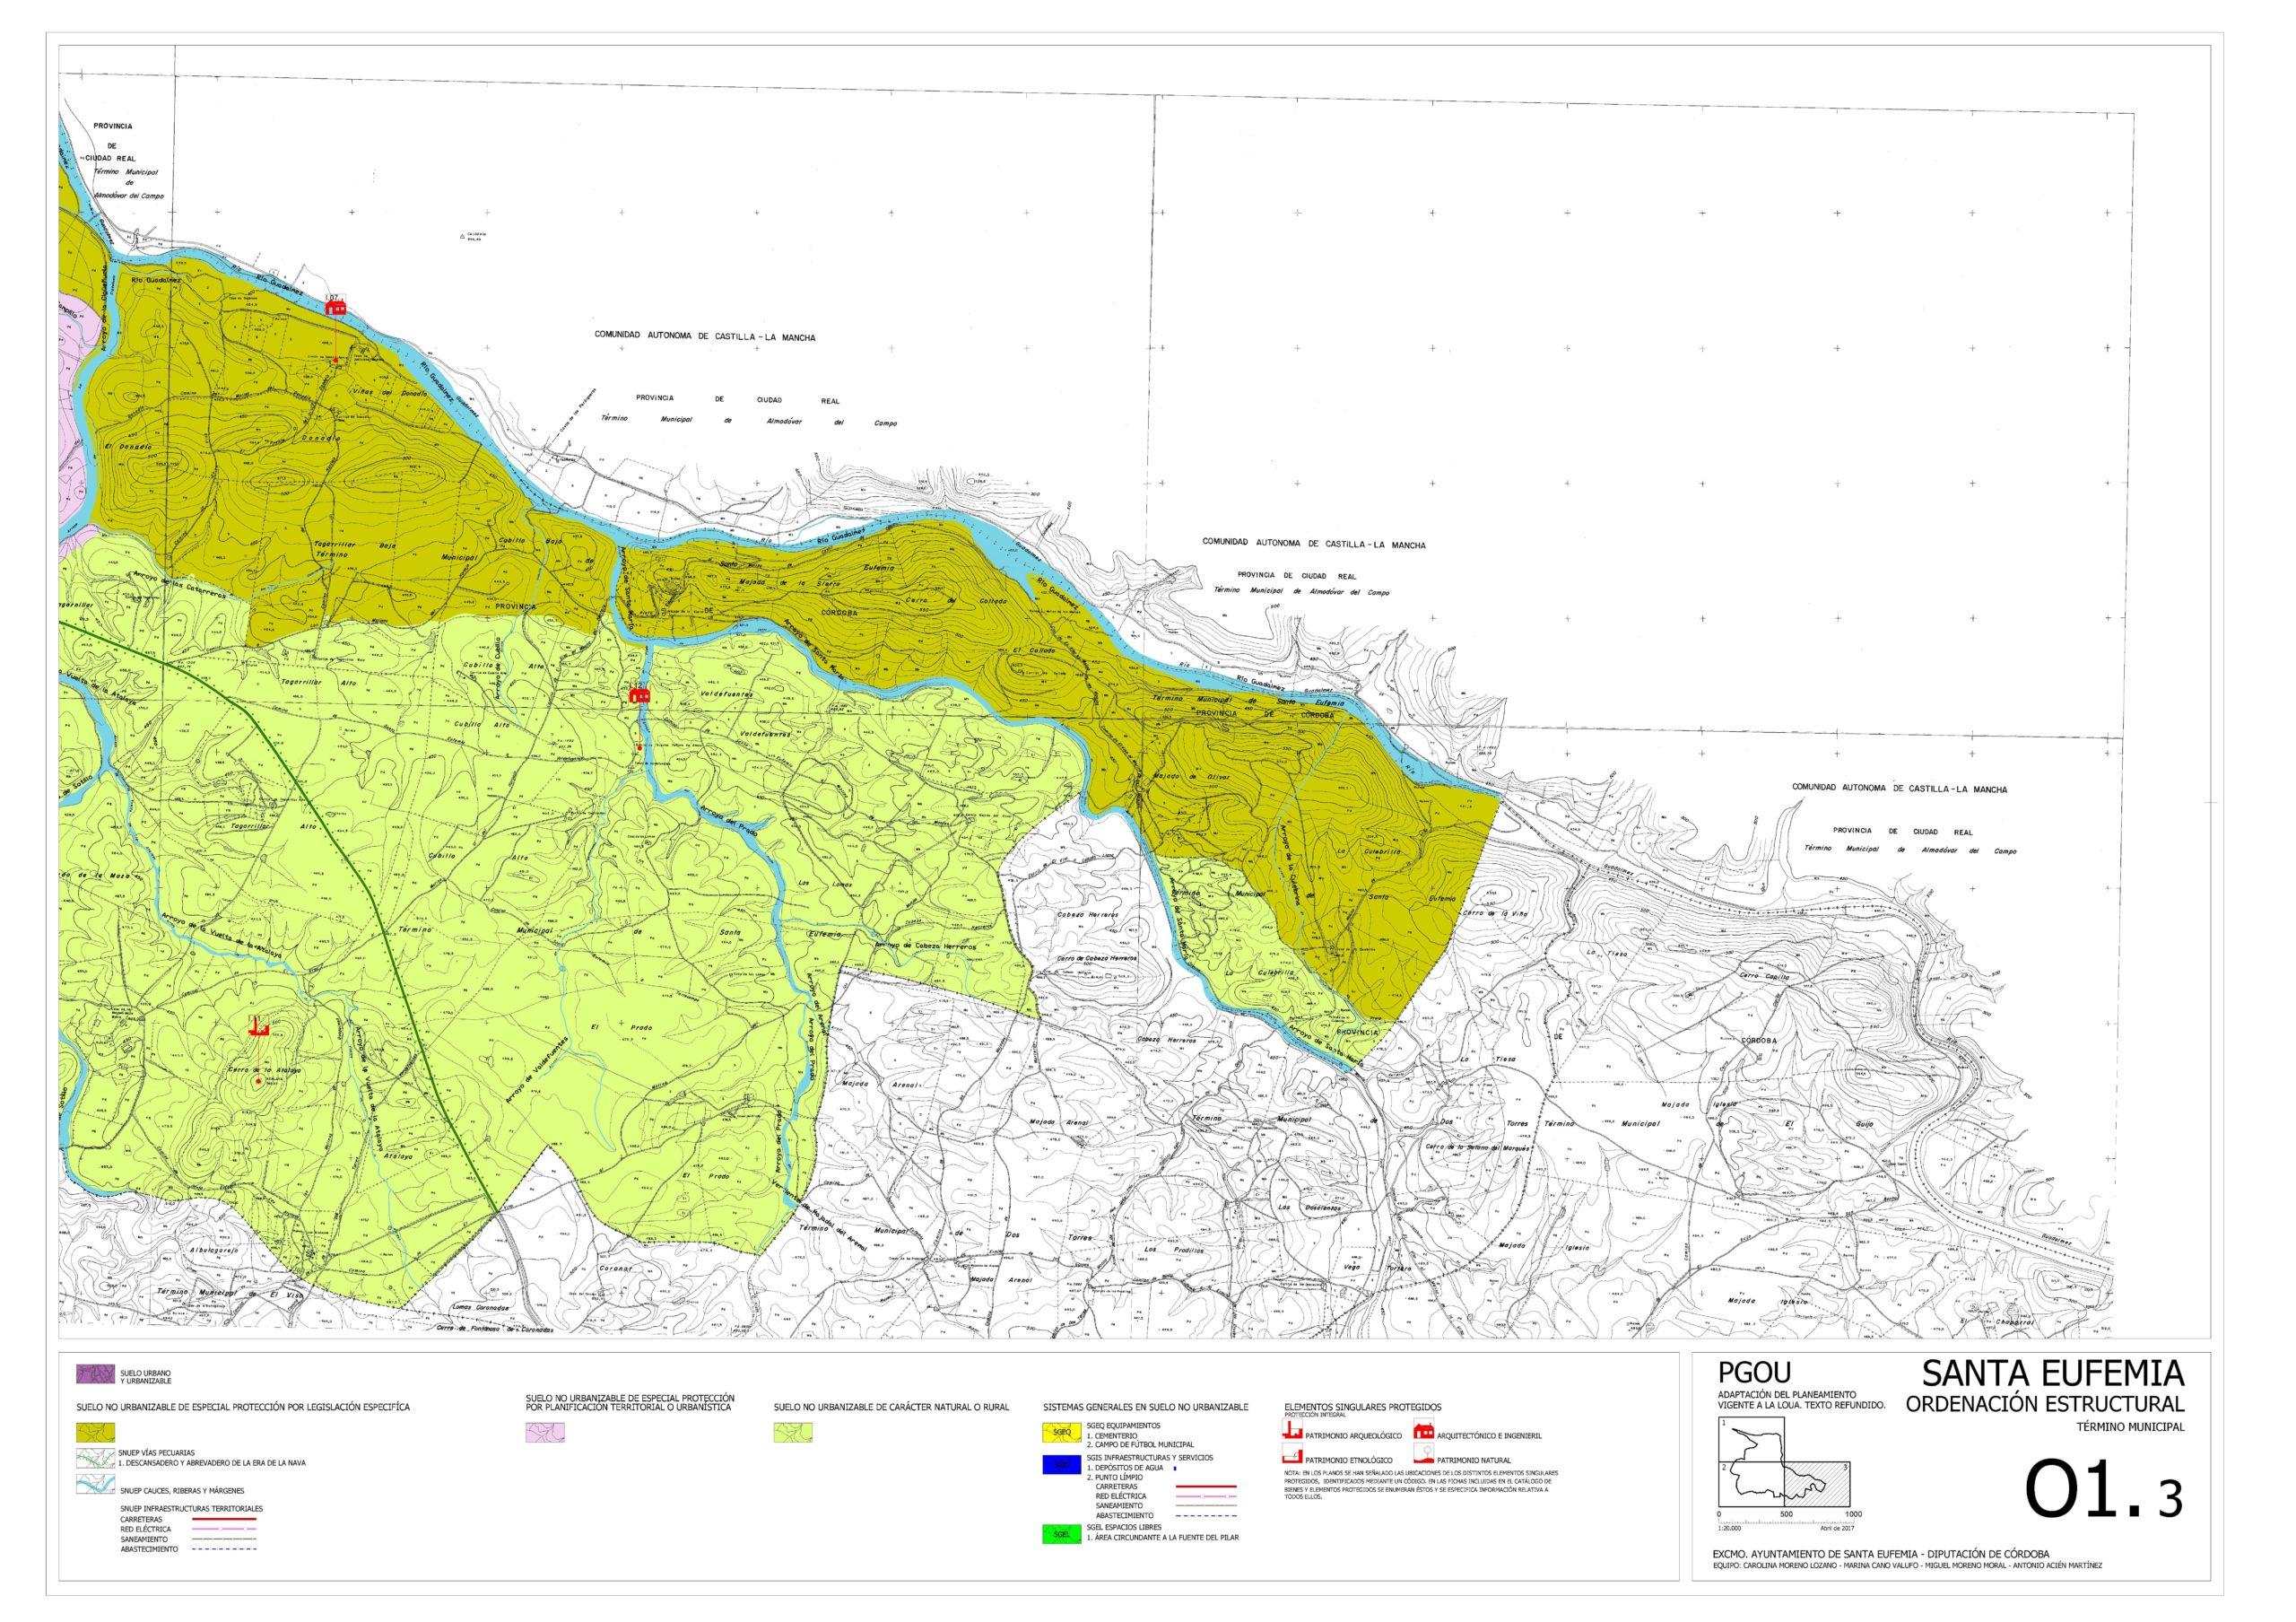 Transparencia en materias de urbanismo, obras públicas y medio ambiente 4